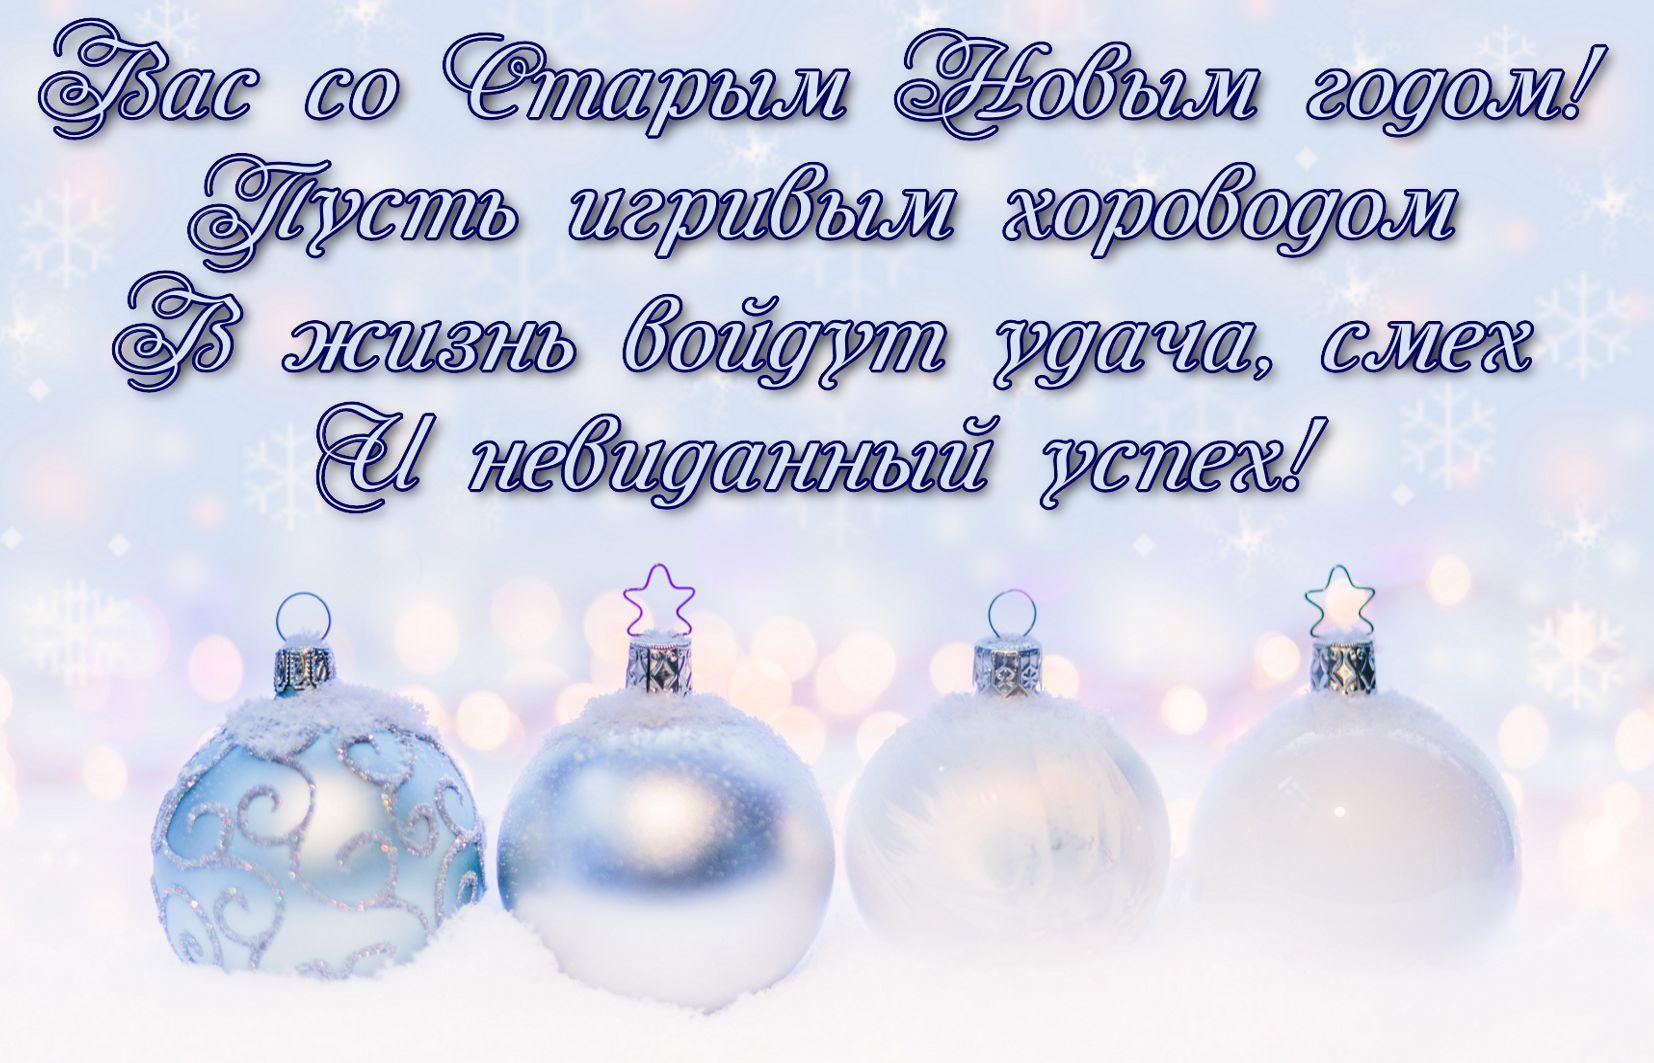 Красивое пожелание на Старый Новый год